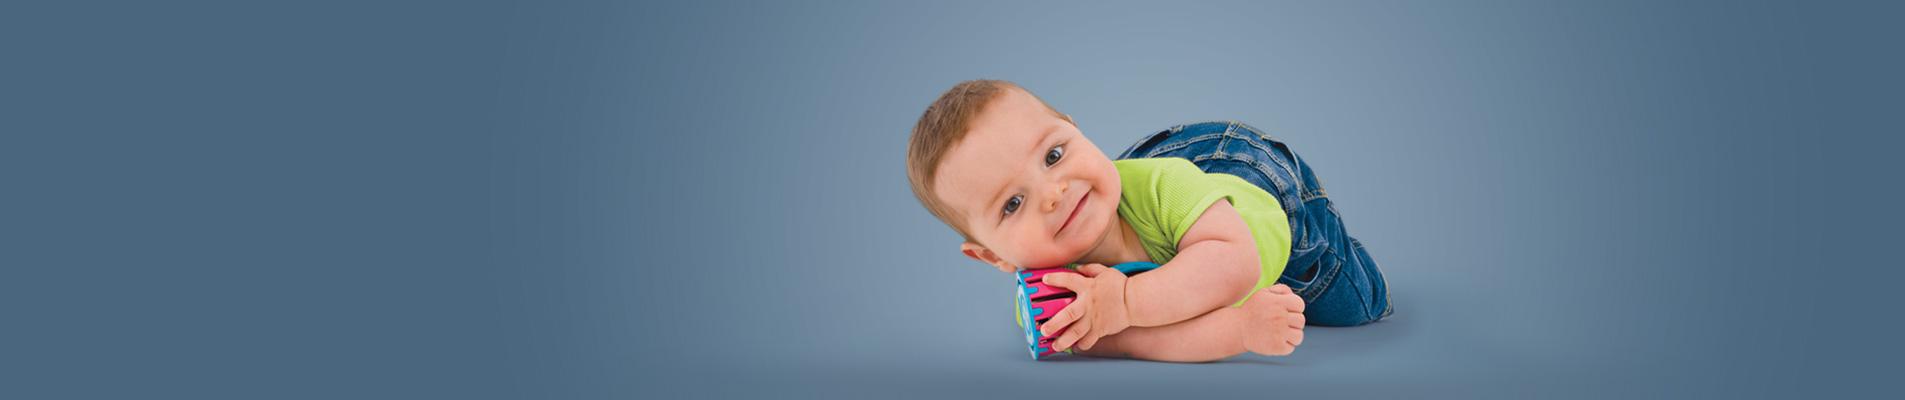 צילום תינוקות וילדים בסטודיו משק 8